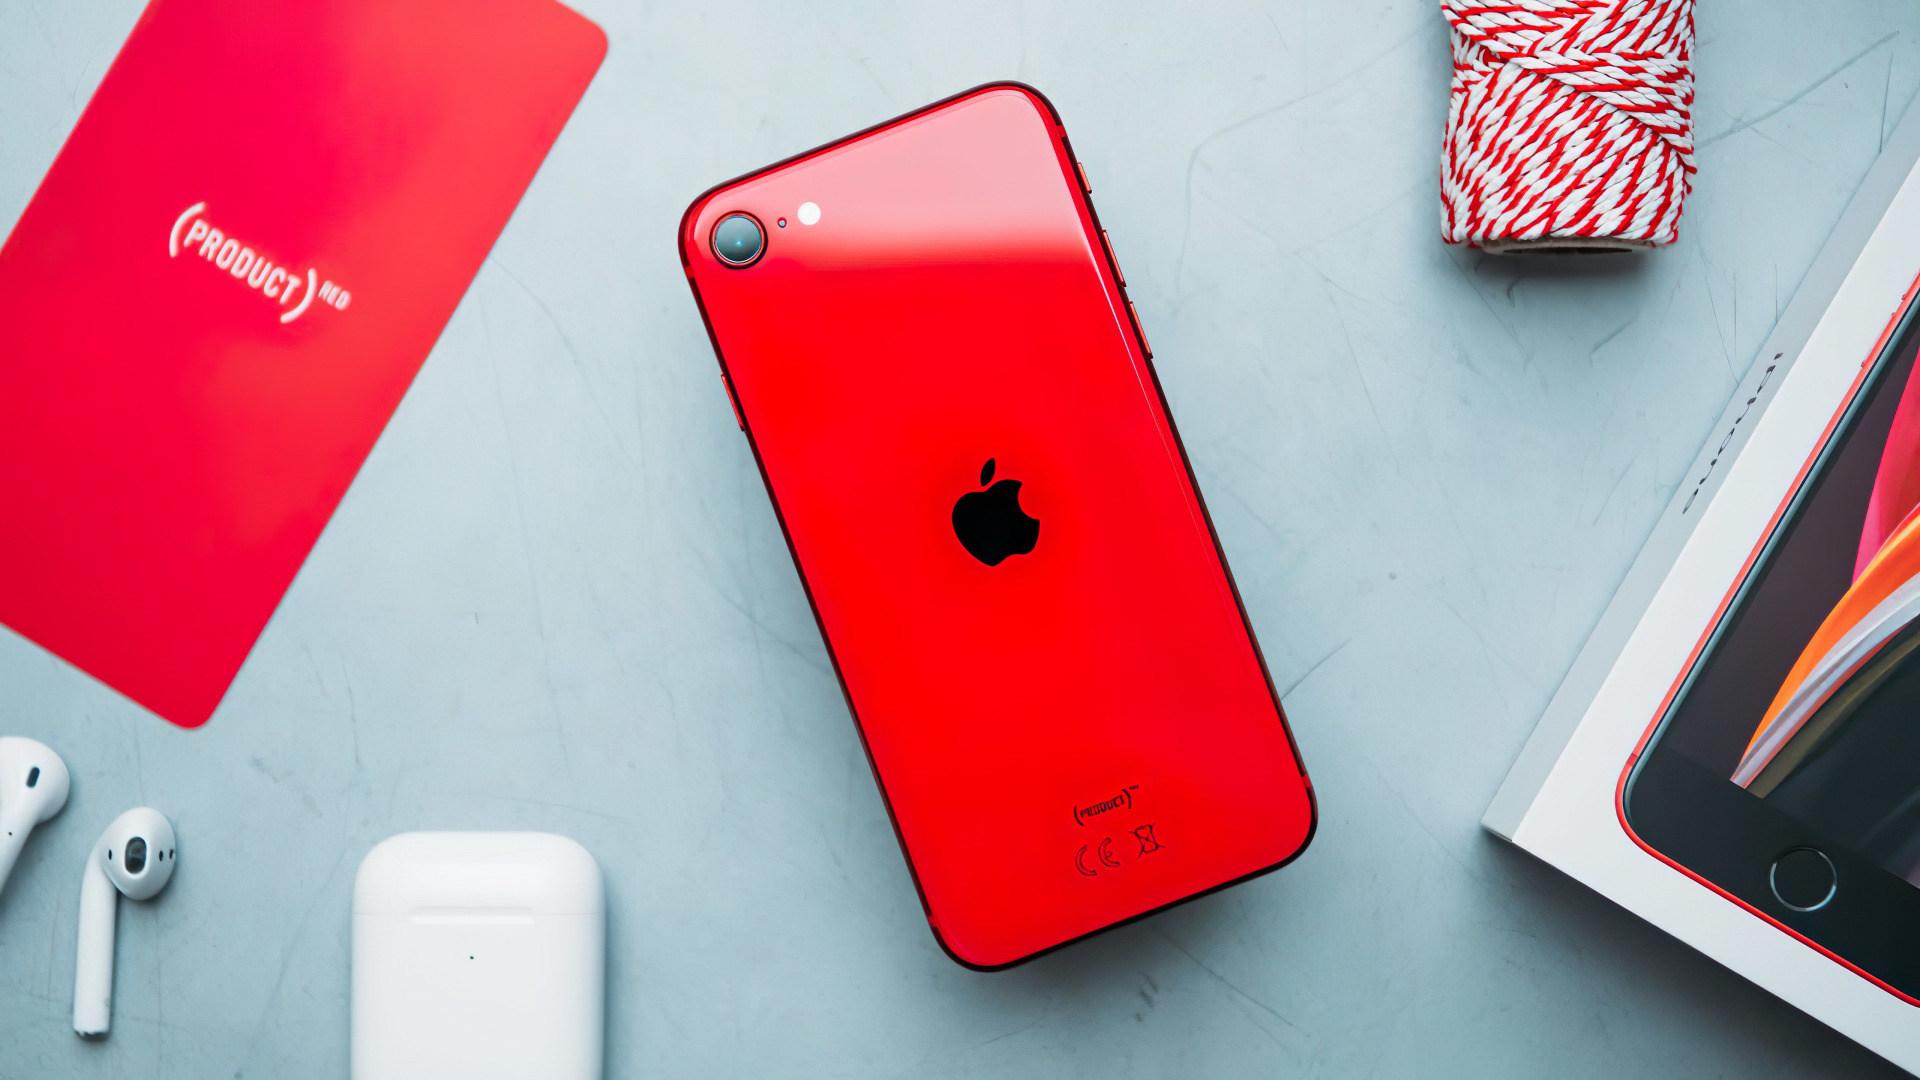 iPhone SE 3: Design und Display bleiben gleich, dafür mit A15 und 5G